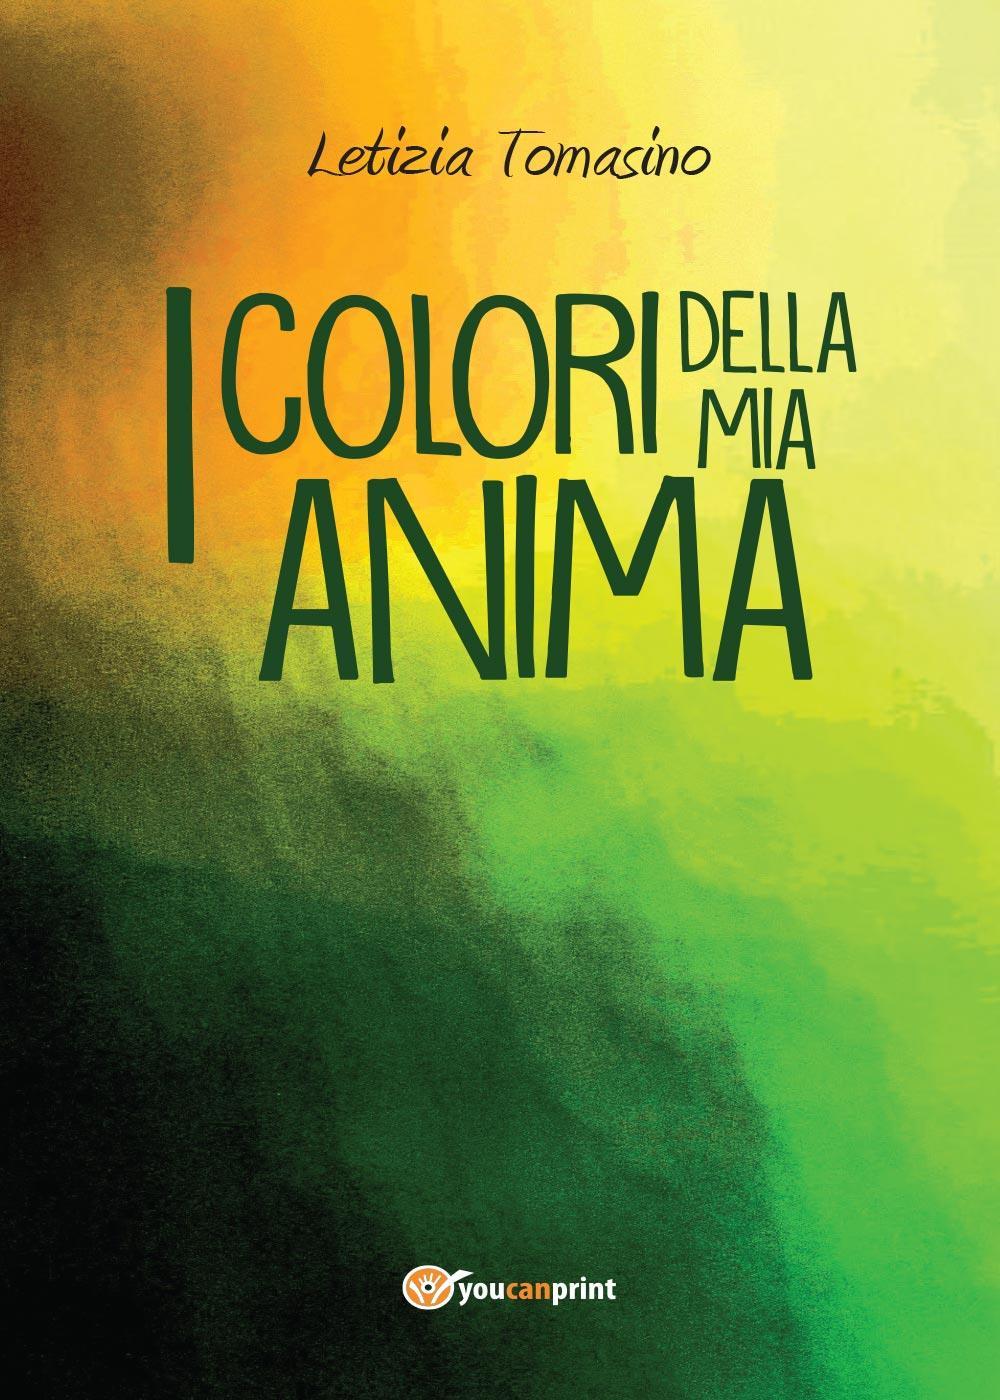 I colori della mia anima